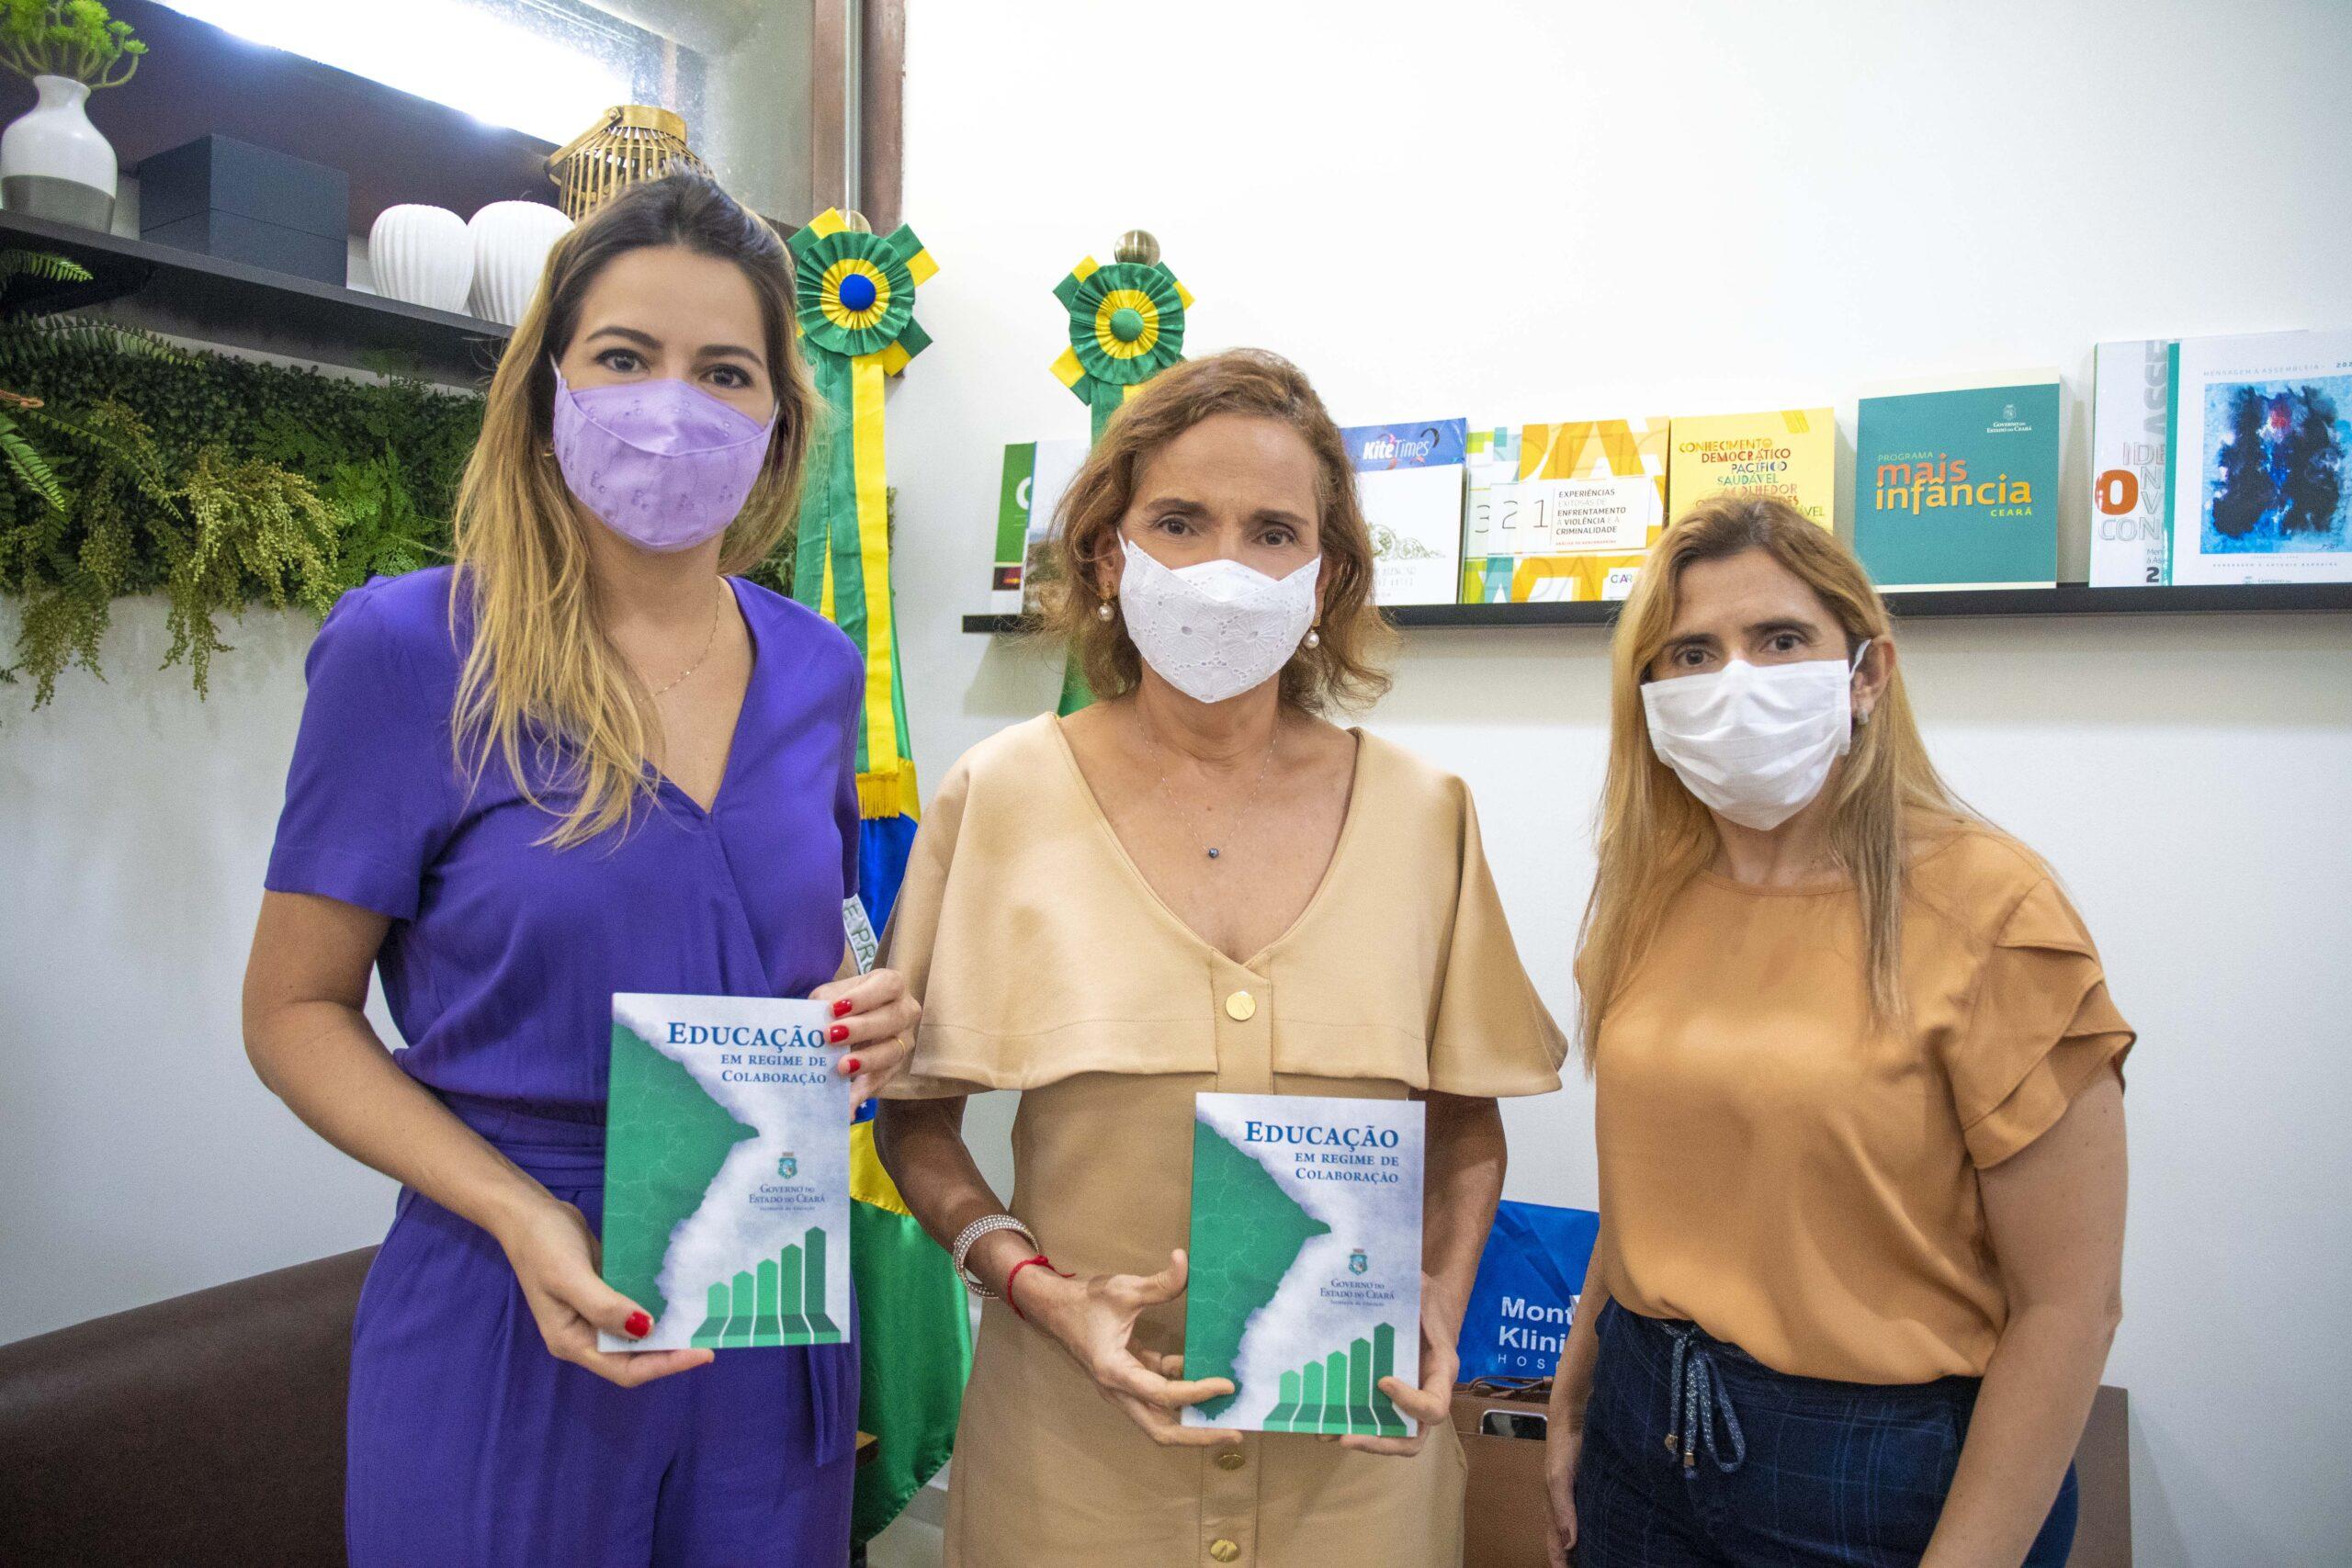 Educação pública é tema de livro lançado pelo Governo do Ceará